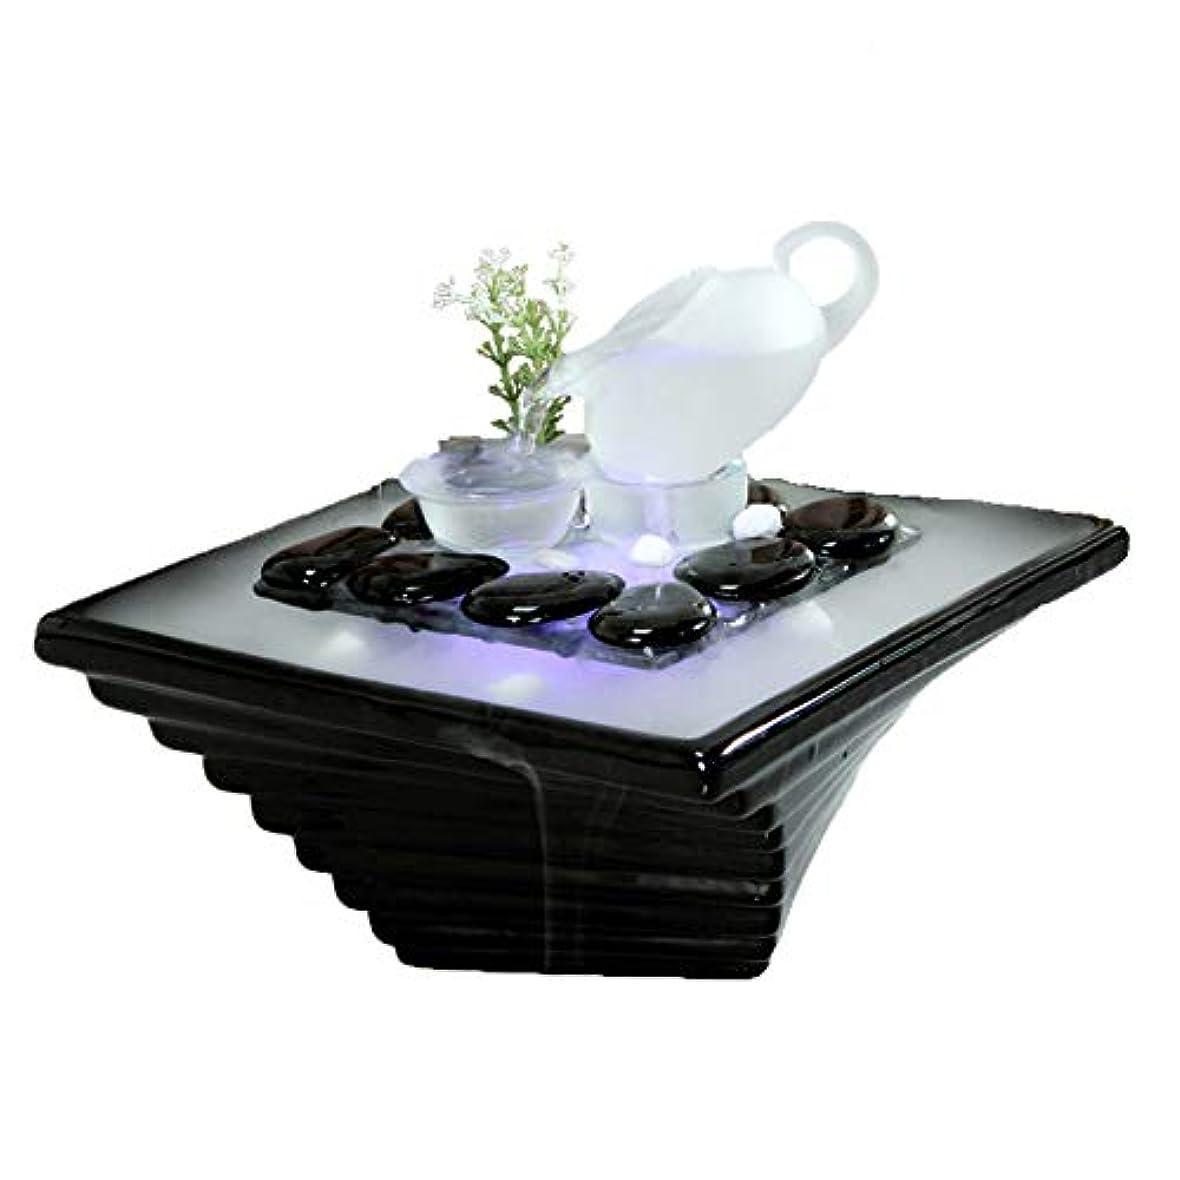 エッセンシャルオイルディフューザー空気加湿器セラミッククラフトクリエイティブホームデスクトップ装飾アロマセラピー絶妙なギフト,Black